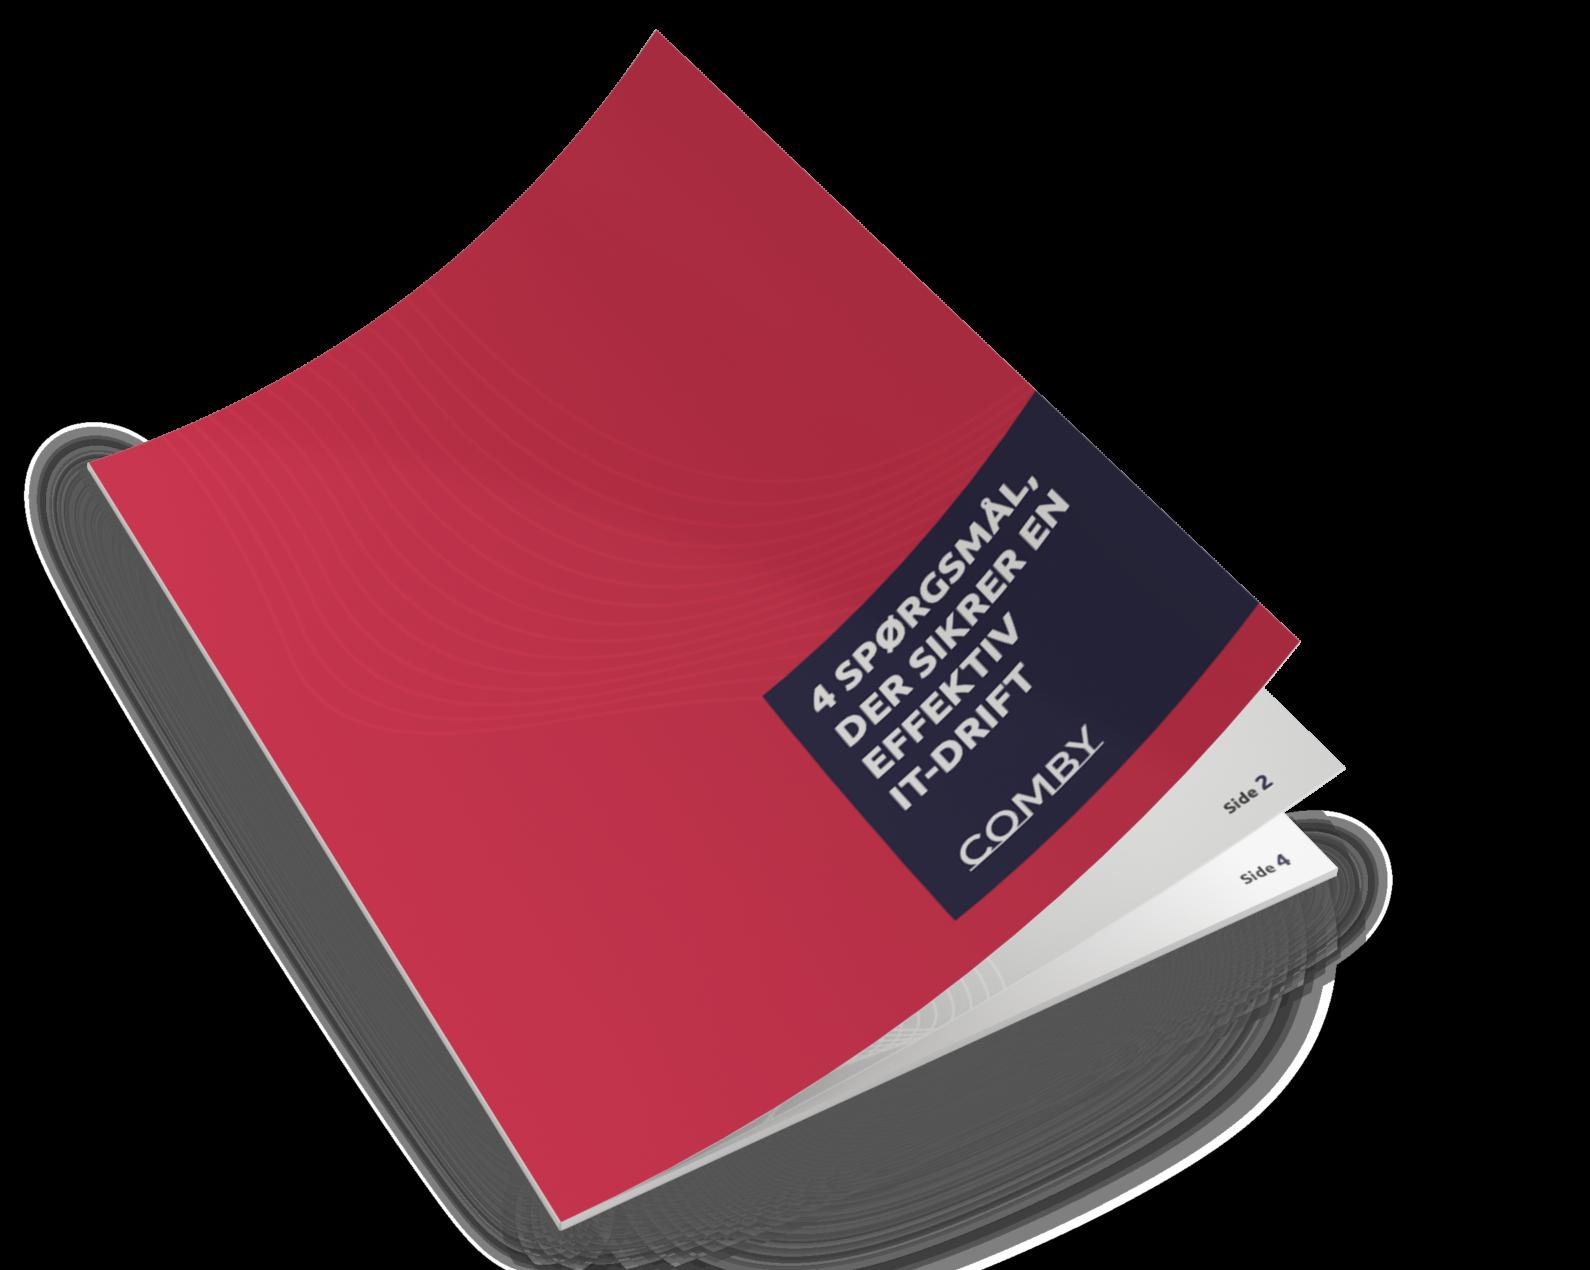 E-bog om outsourcing og IT-drift | Comby